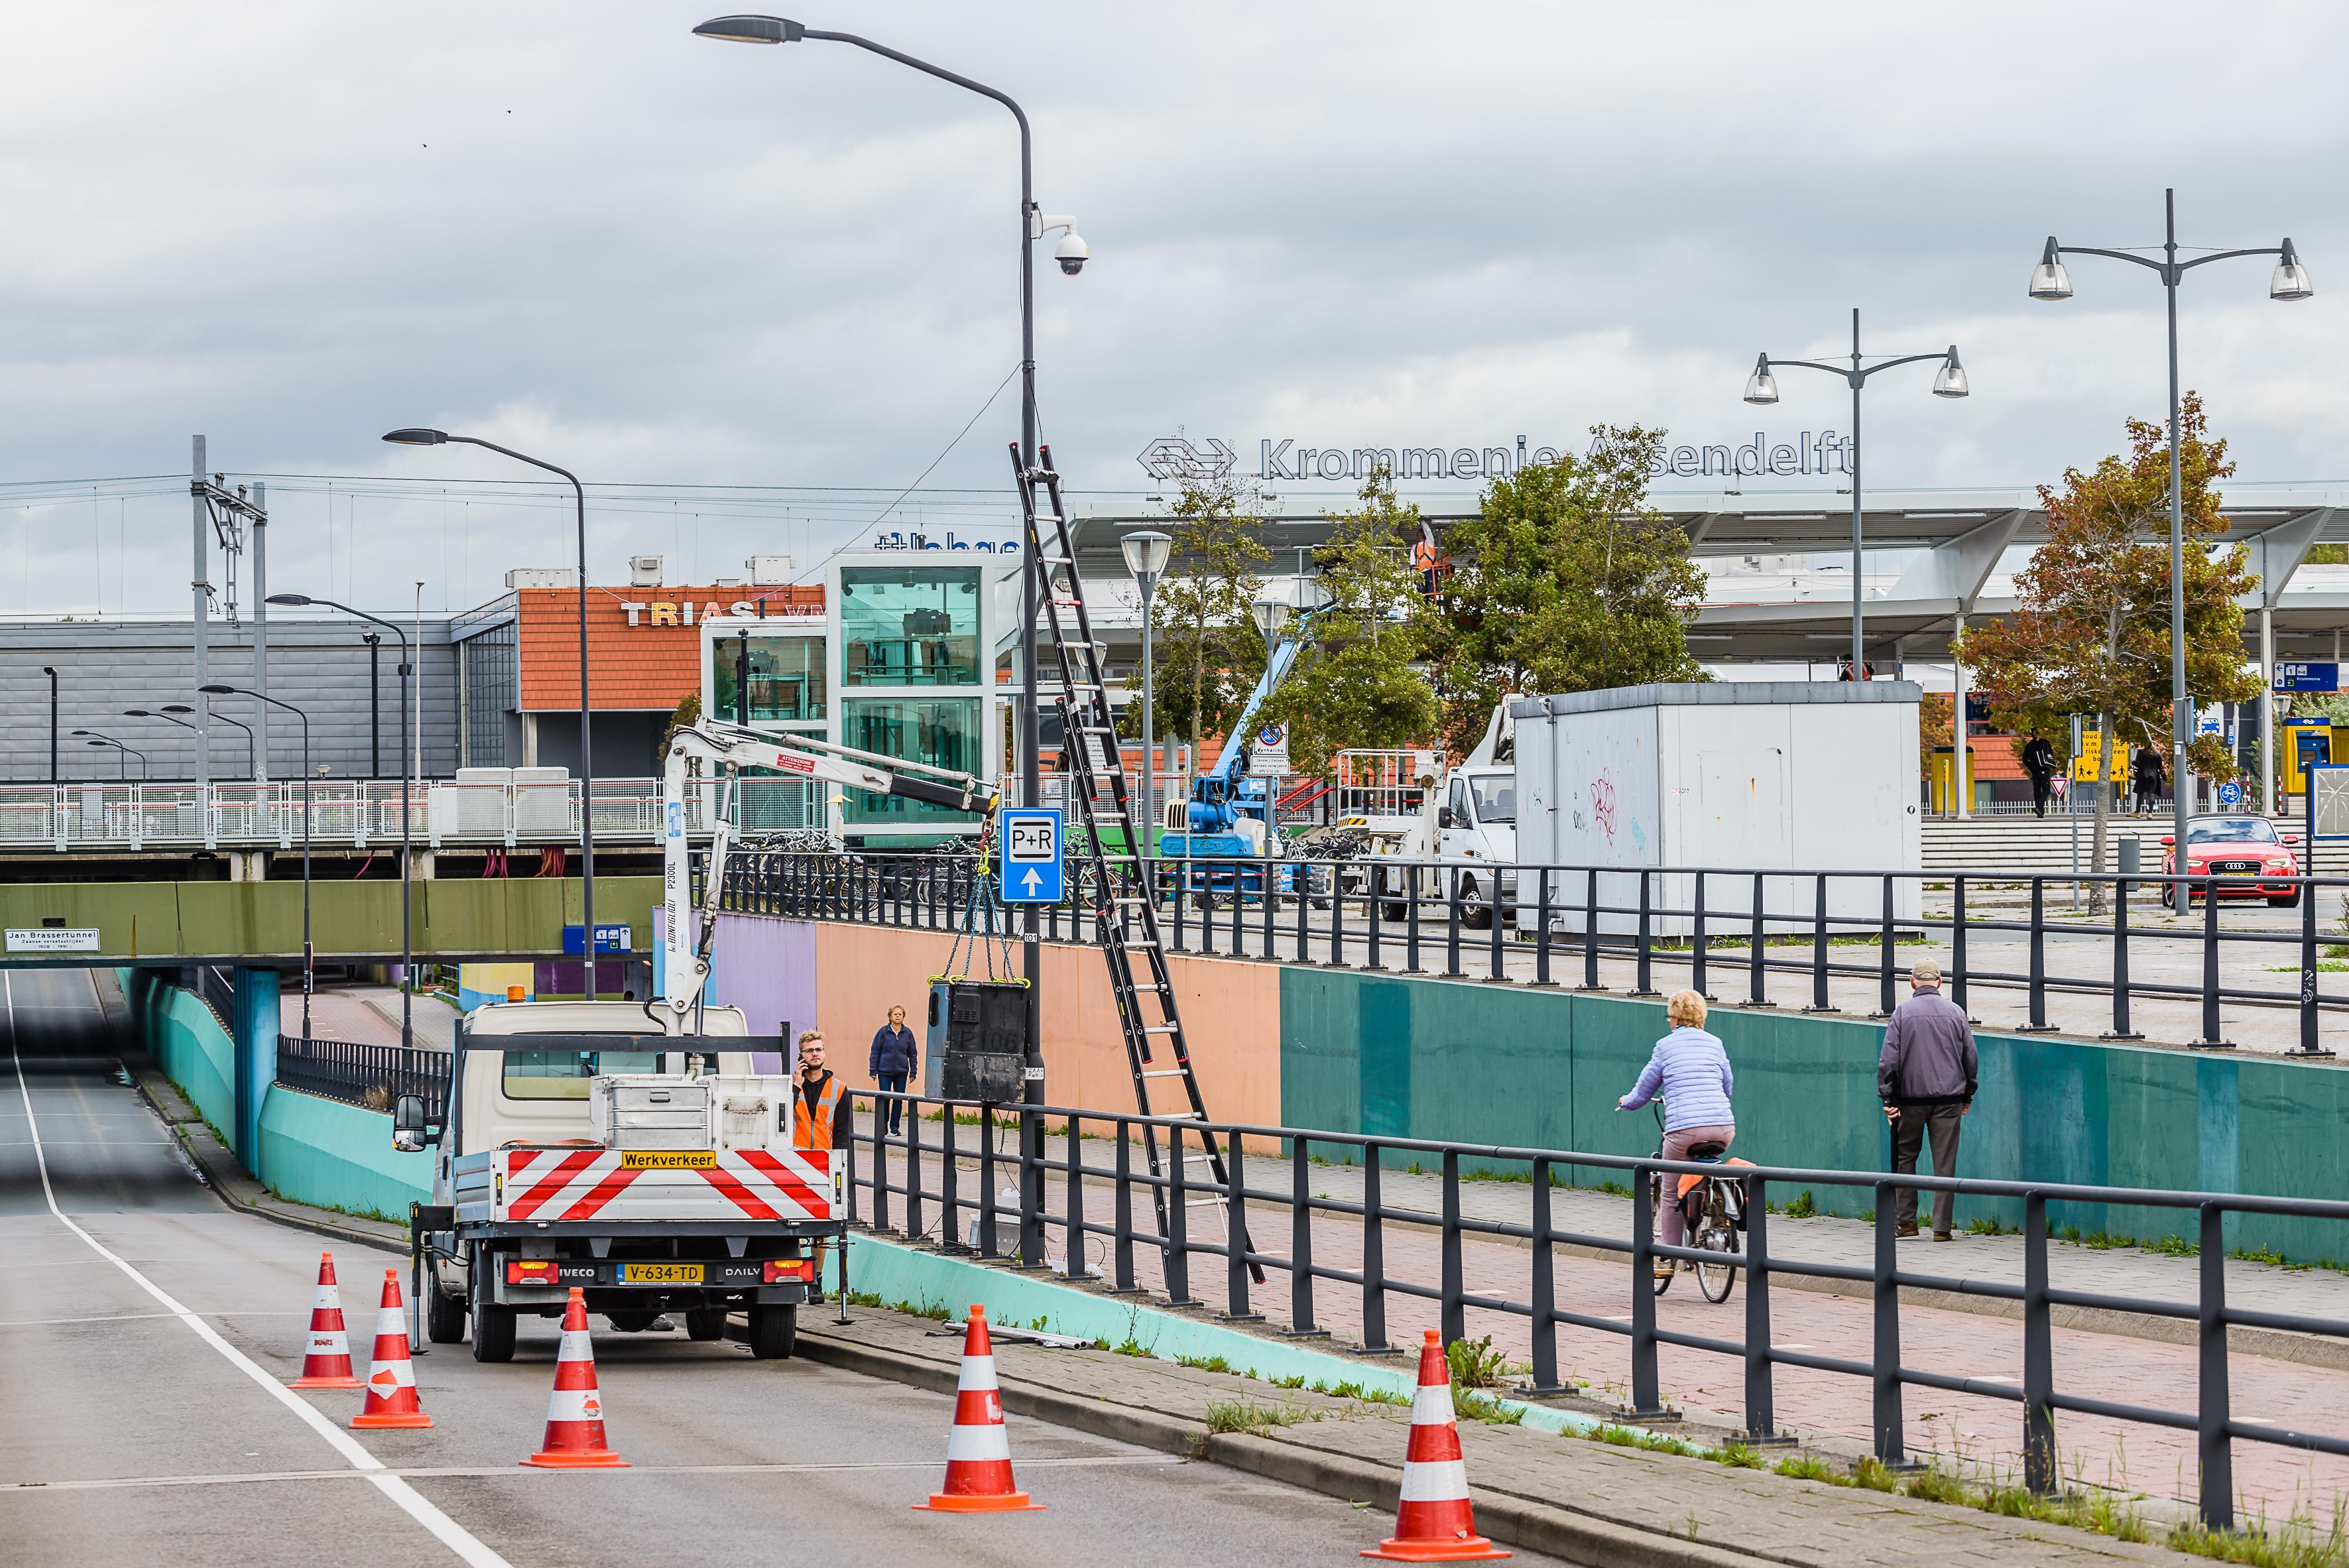 Station Krommenie-Assendelft krijgt tijdelijke camera's na vecht- en steekpartijen tussen jongeren